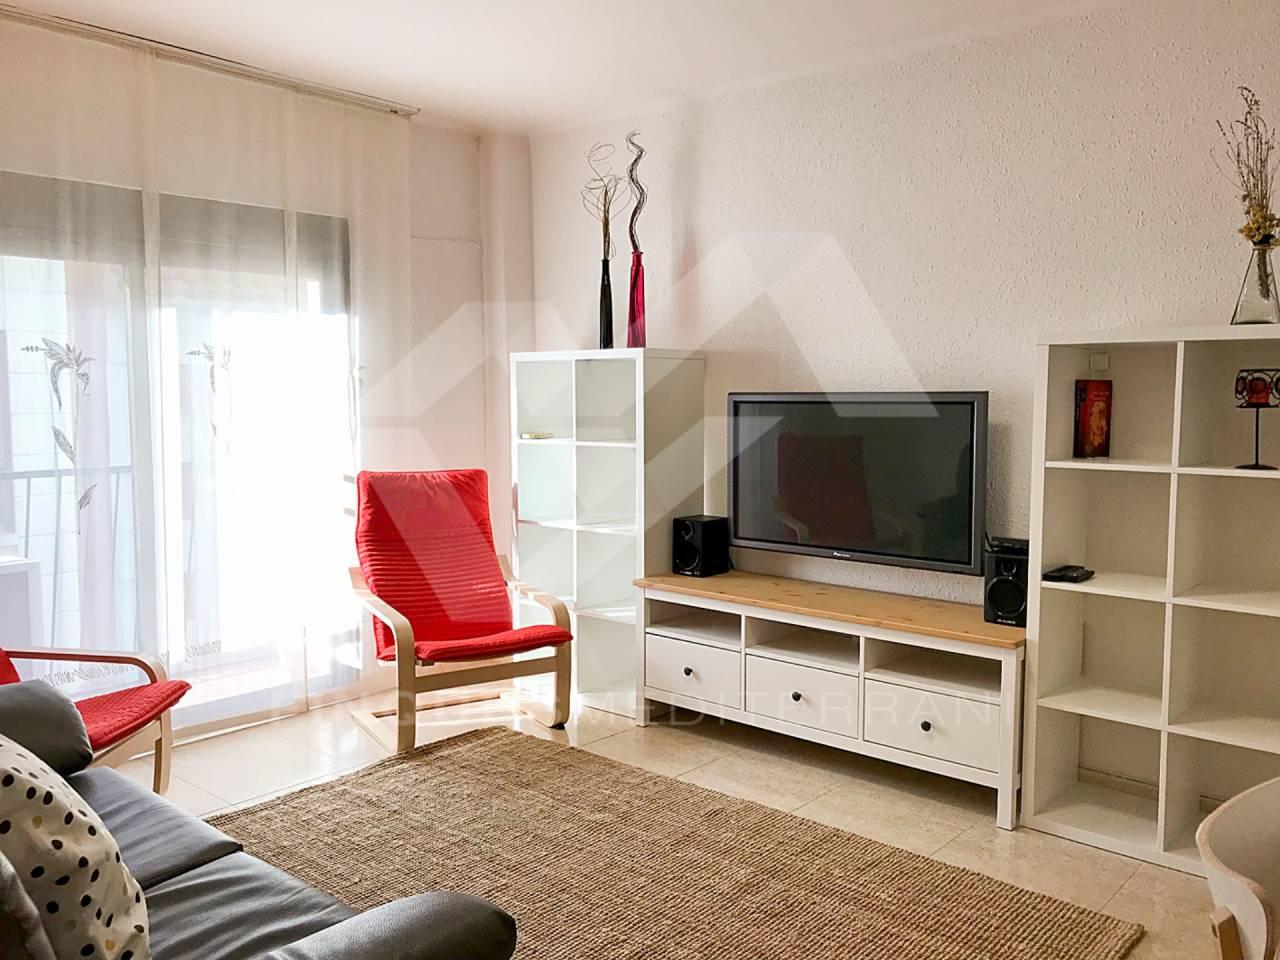 Lloguer Pis  Calle reding. Preciosa vivienda en el centro de Tarragona  ideal para comparti